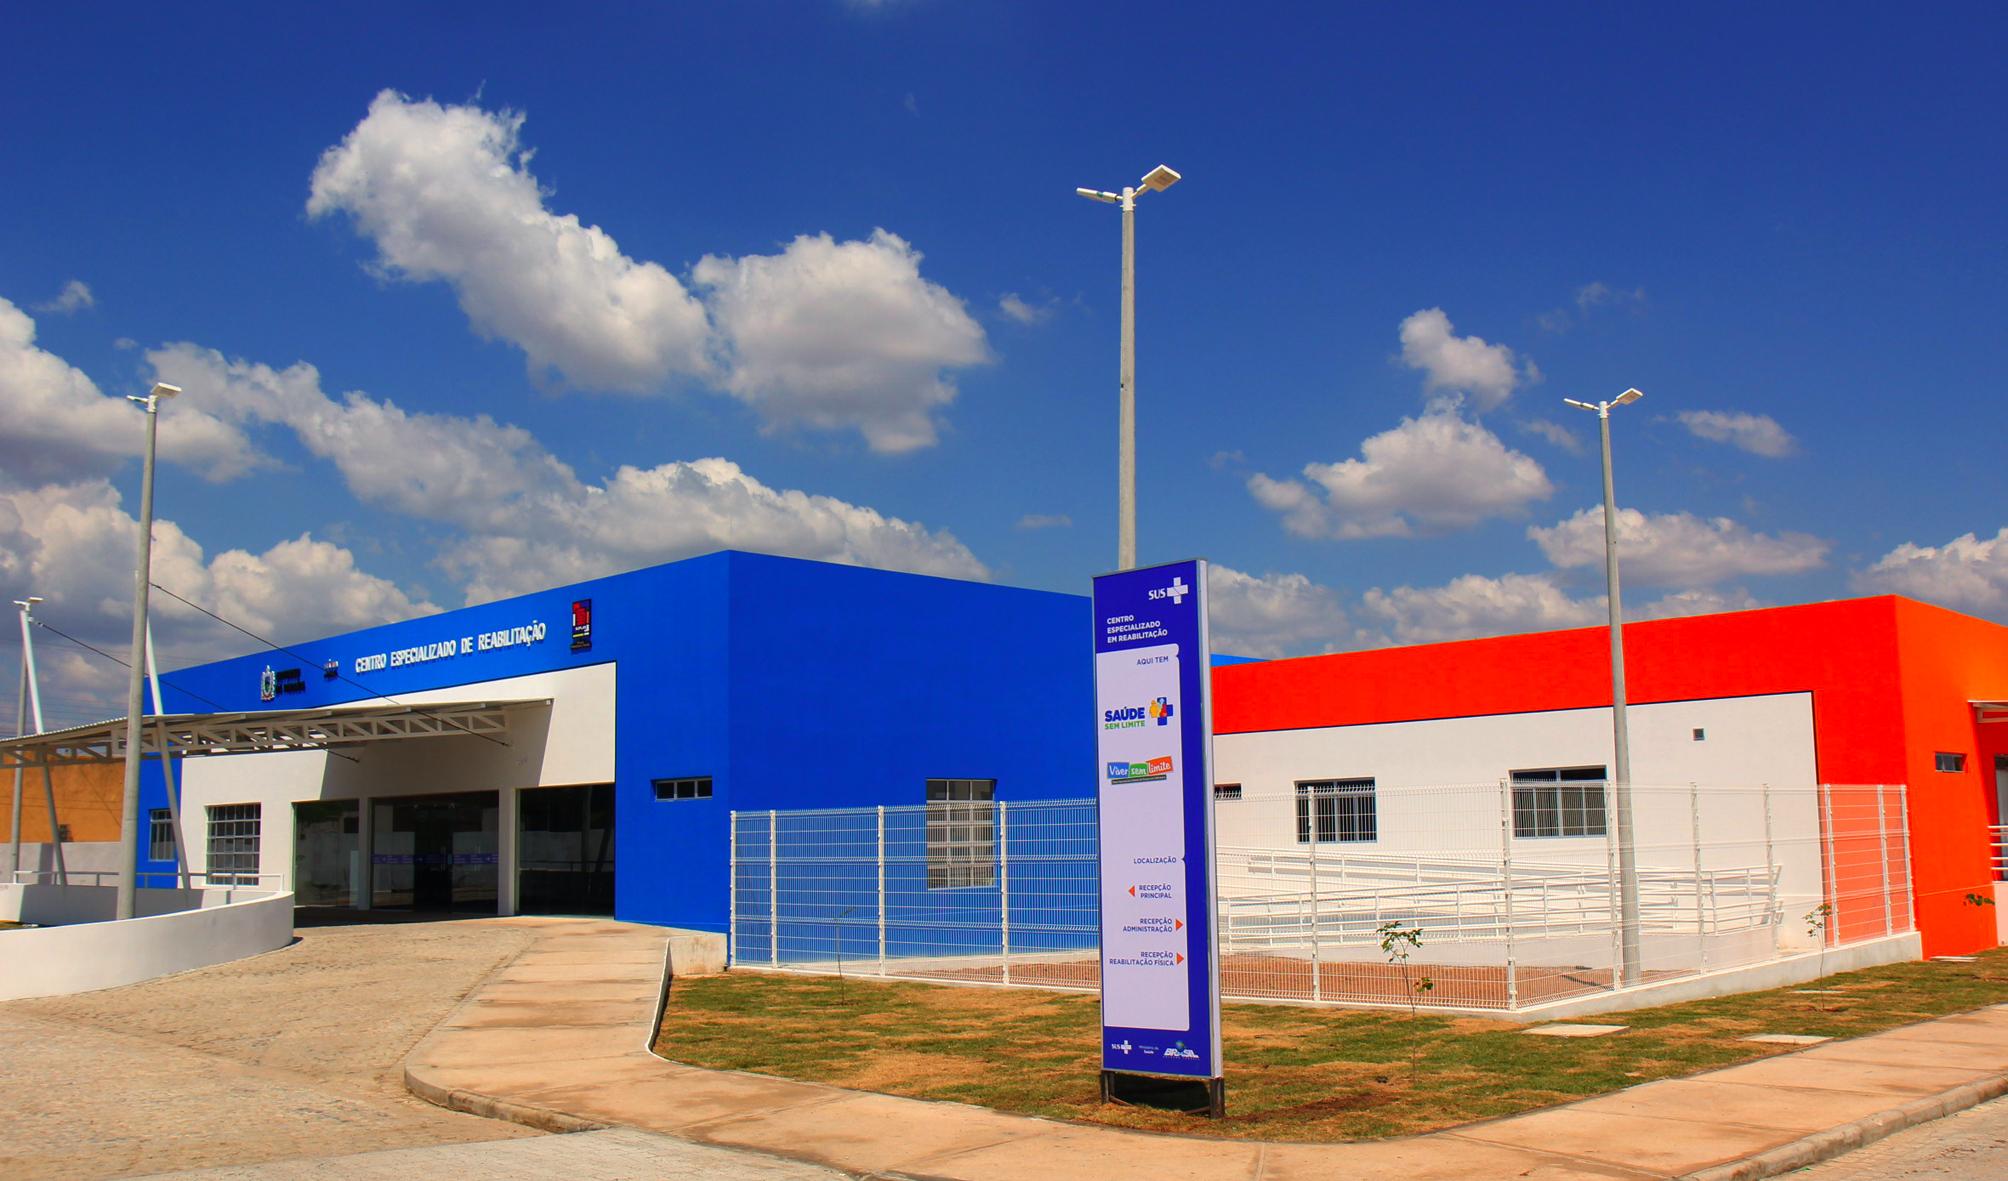 http://static.paraiba.pb.gov.br/2018/12/ricardo-entrega-em-sousa-reabilita-centro-de-reabilitacao-foto-jose-marques-3.jpg